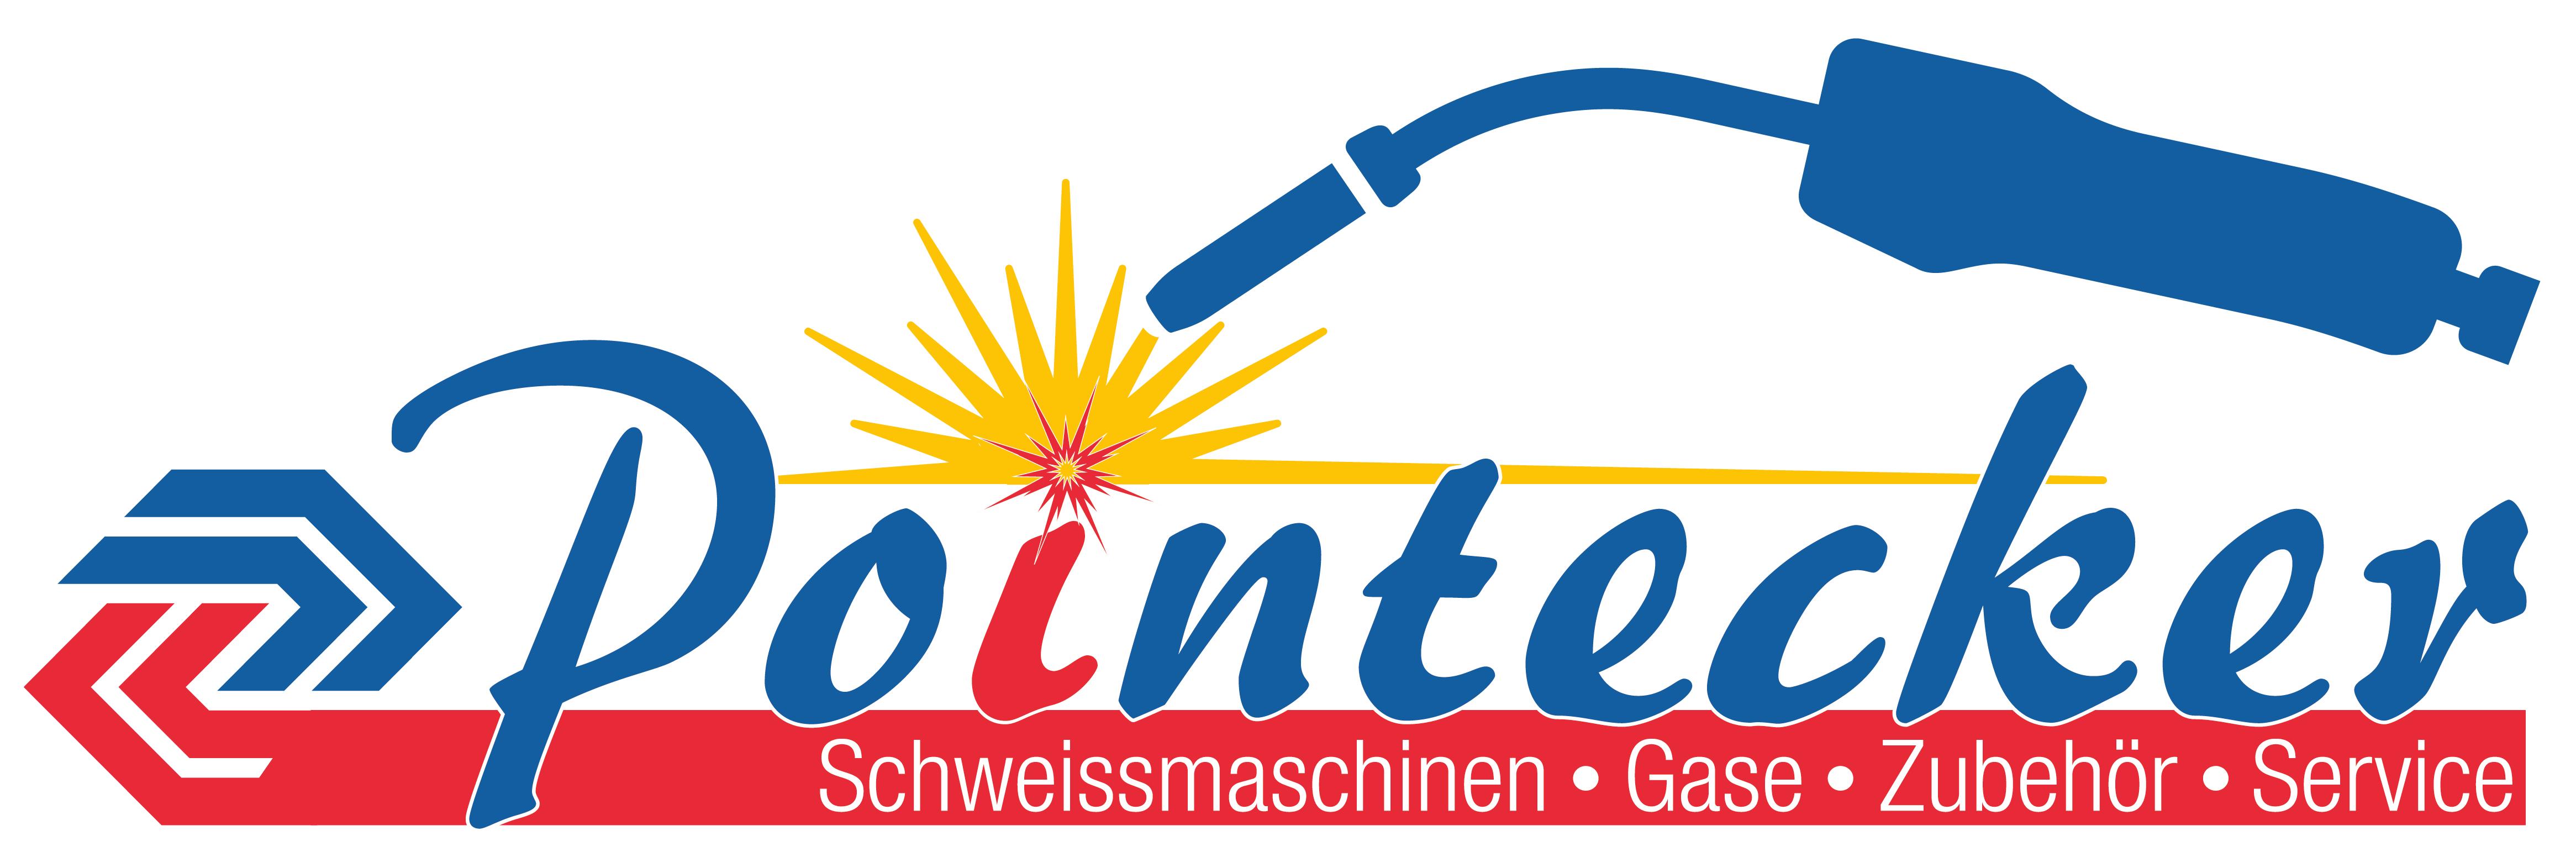 Michael Pointecker - Schweissmaschinen & Gashandel in Oberösterreich | Wir sind Ihr Partner in den Bereichen Schweissmaschinen, Gase , Technische-Schank-Propangase, Zubehör und Service aus dem Bezirk Schärding in Oberösterreich.